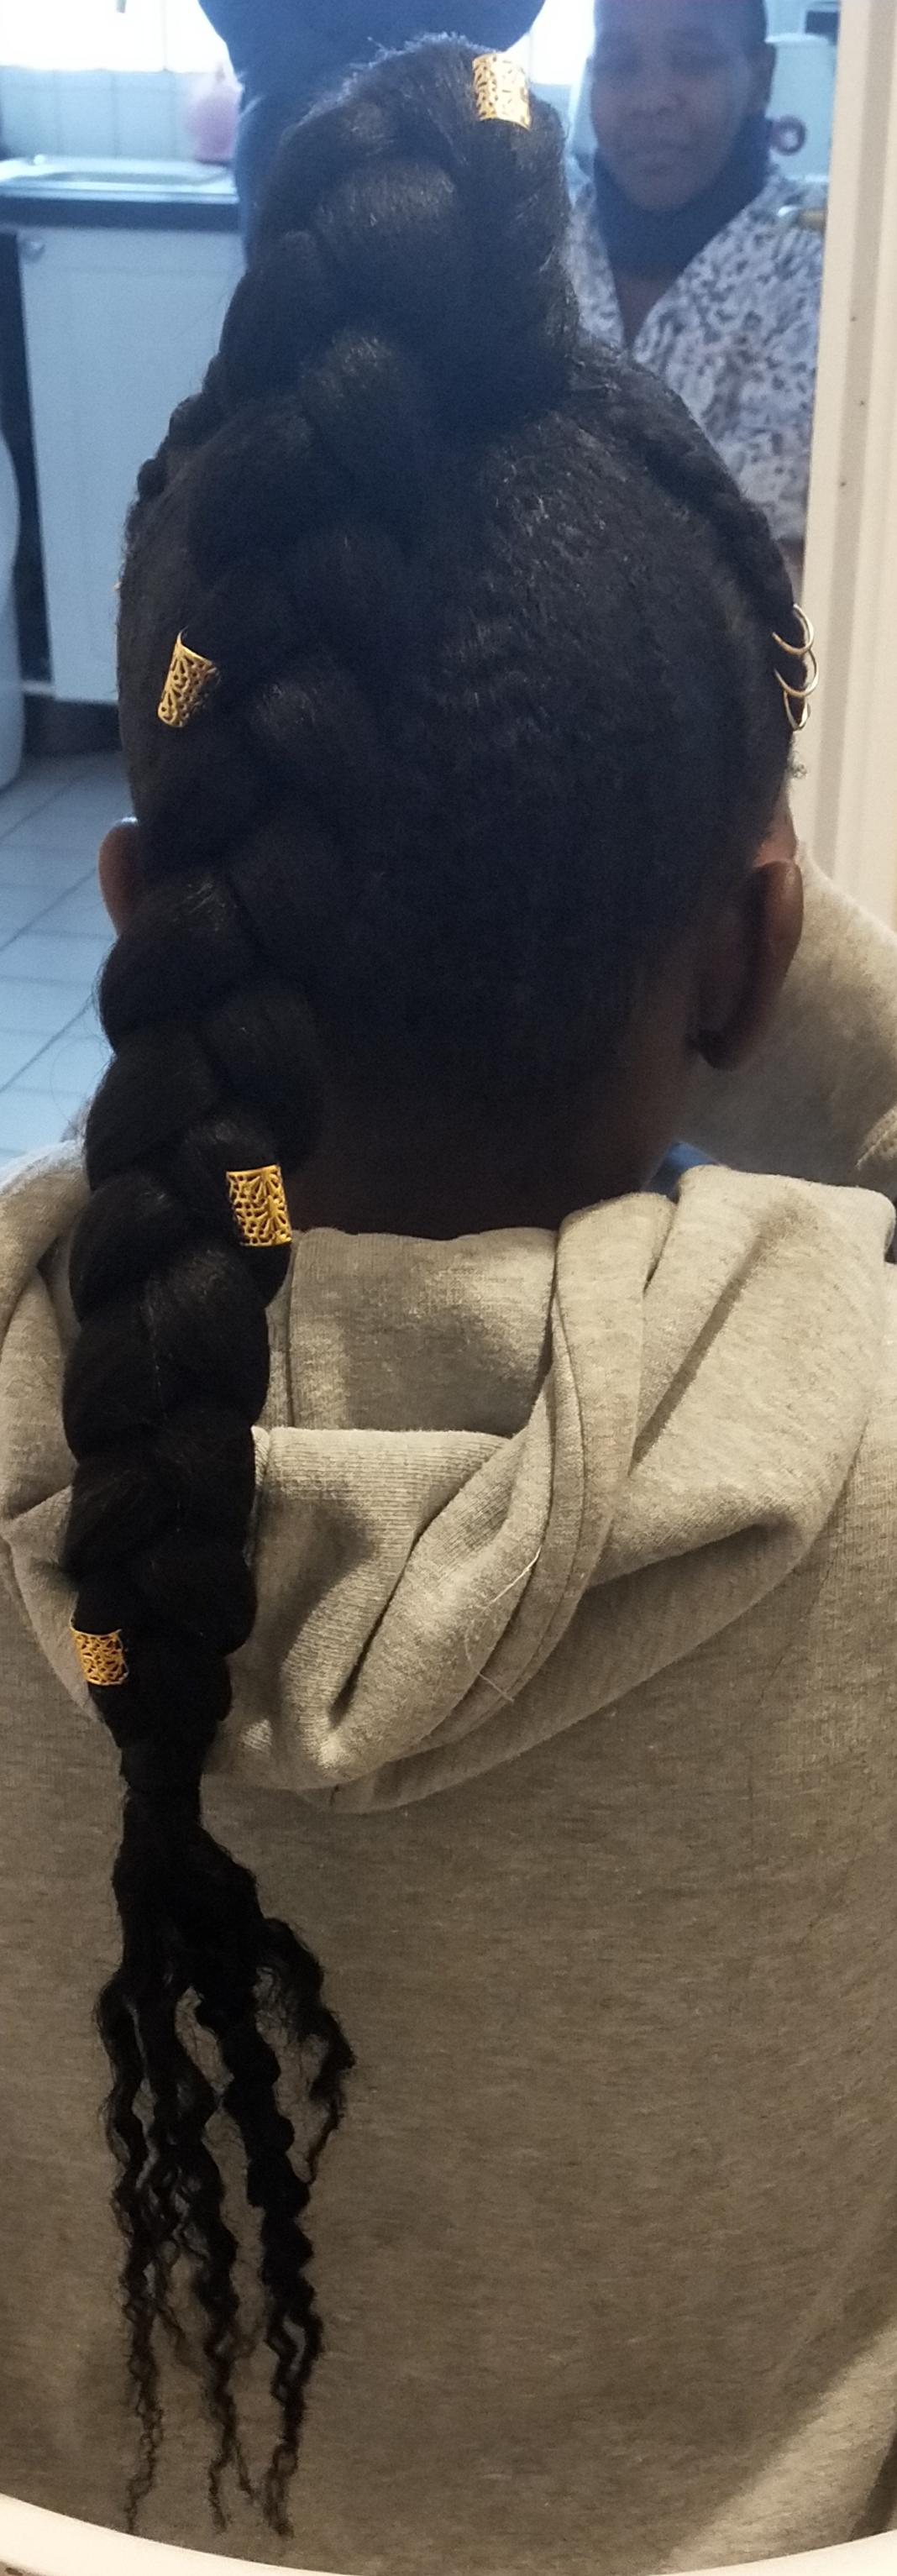 salon de coiffure afro tresse tresses box braids crochet braids vanilles tissages paris 75 77 78 91 92 93 94 95 RZDTZBGP